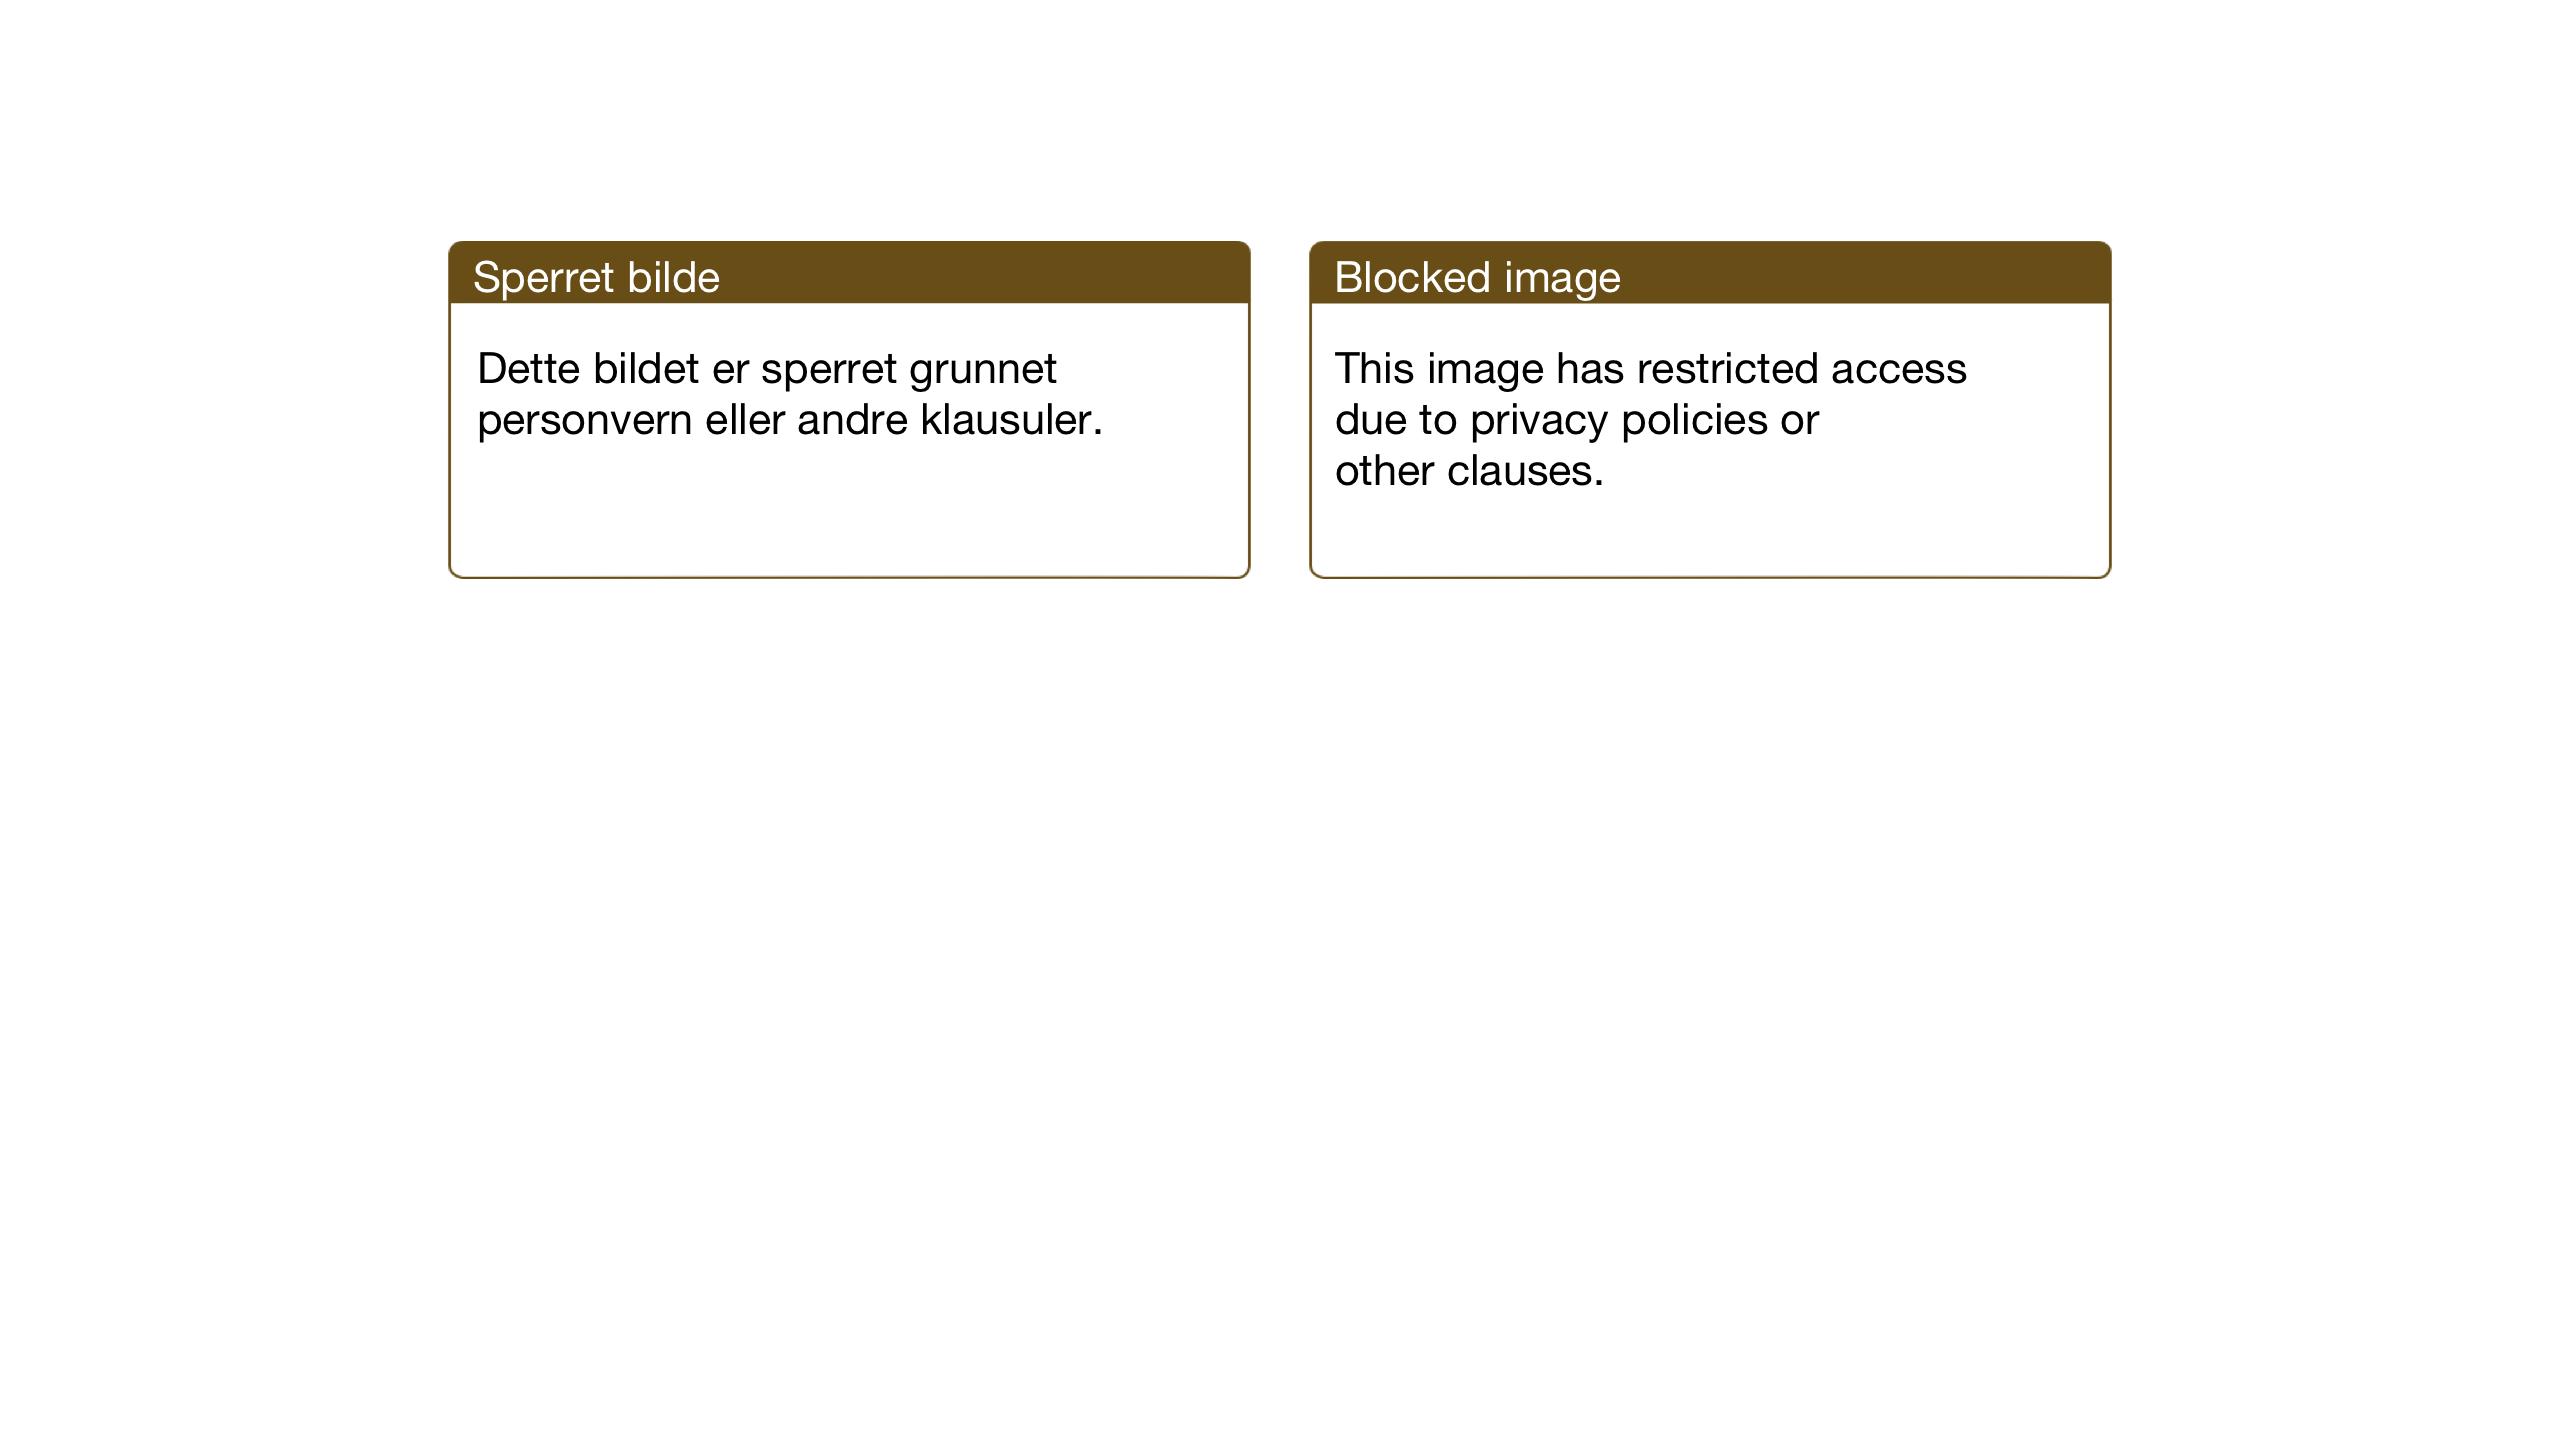 SAT, Ministerialprotokoller, klokkerbøker og fødselsregistre - Nord-Trøndelag, 748/L0465: Klokkerbok nr. 748C01, 1908-1960, s. 26